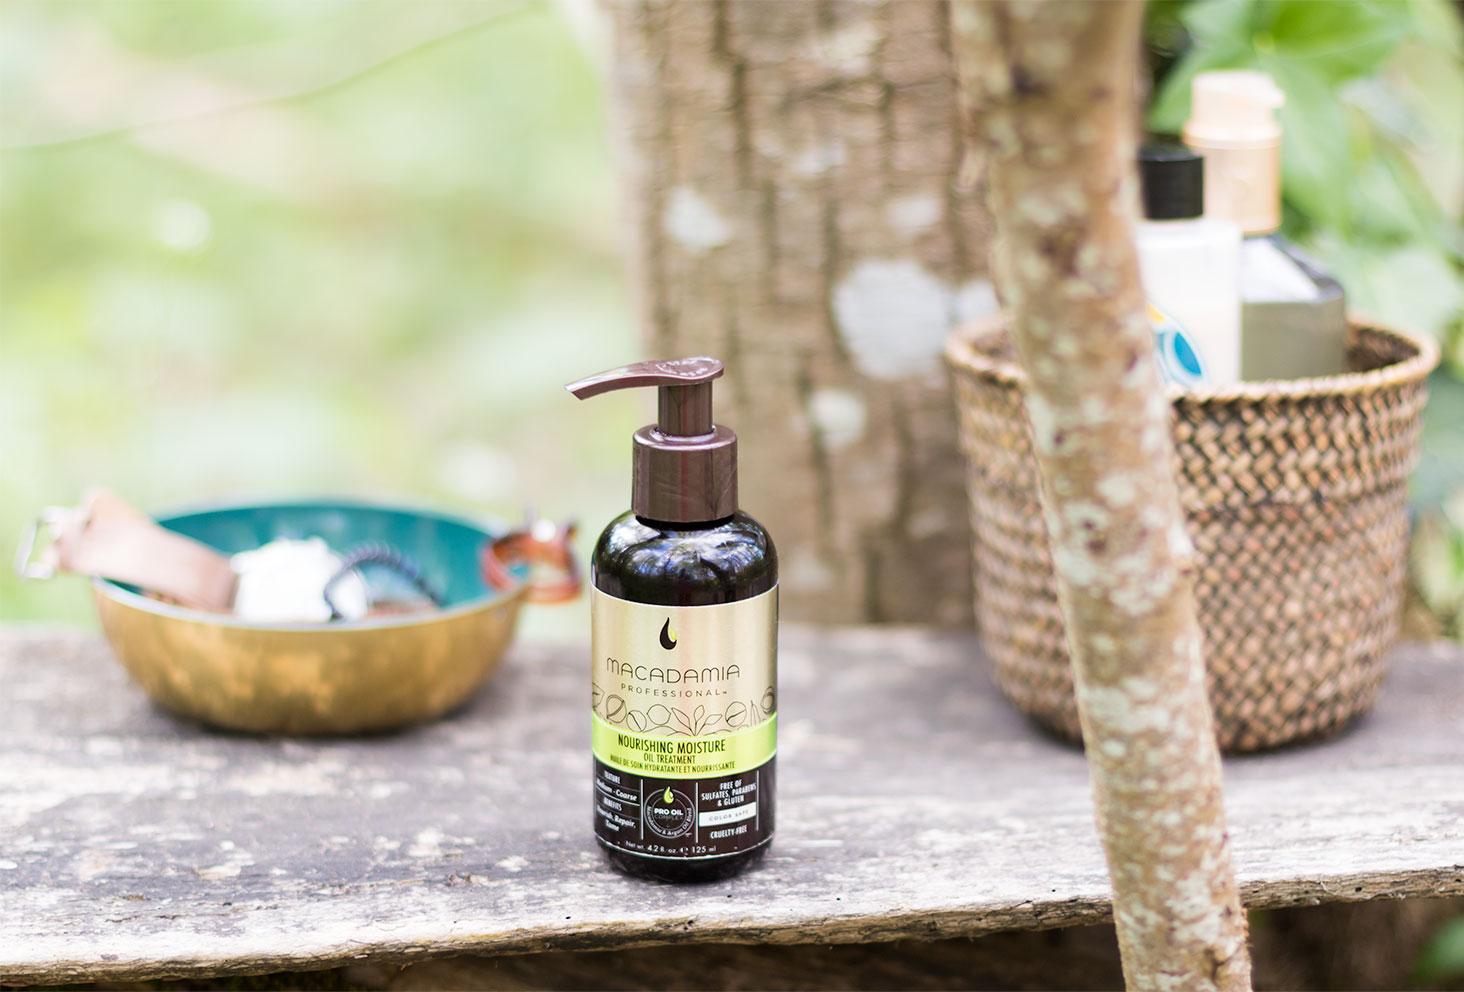 L'huile pour cheveux Macadamia Professional posé sur une planche en bois avec des produits de salle de bain